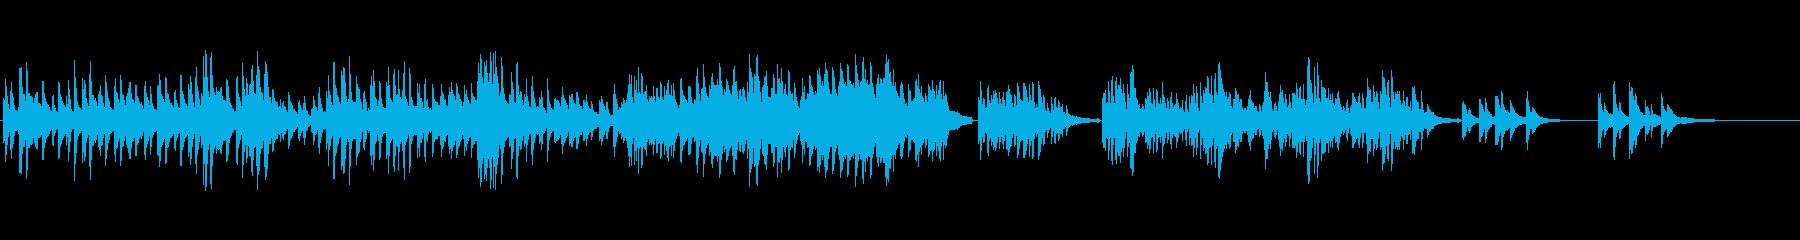 生ピアノソロ・月と金木犀の再生済みの波形